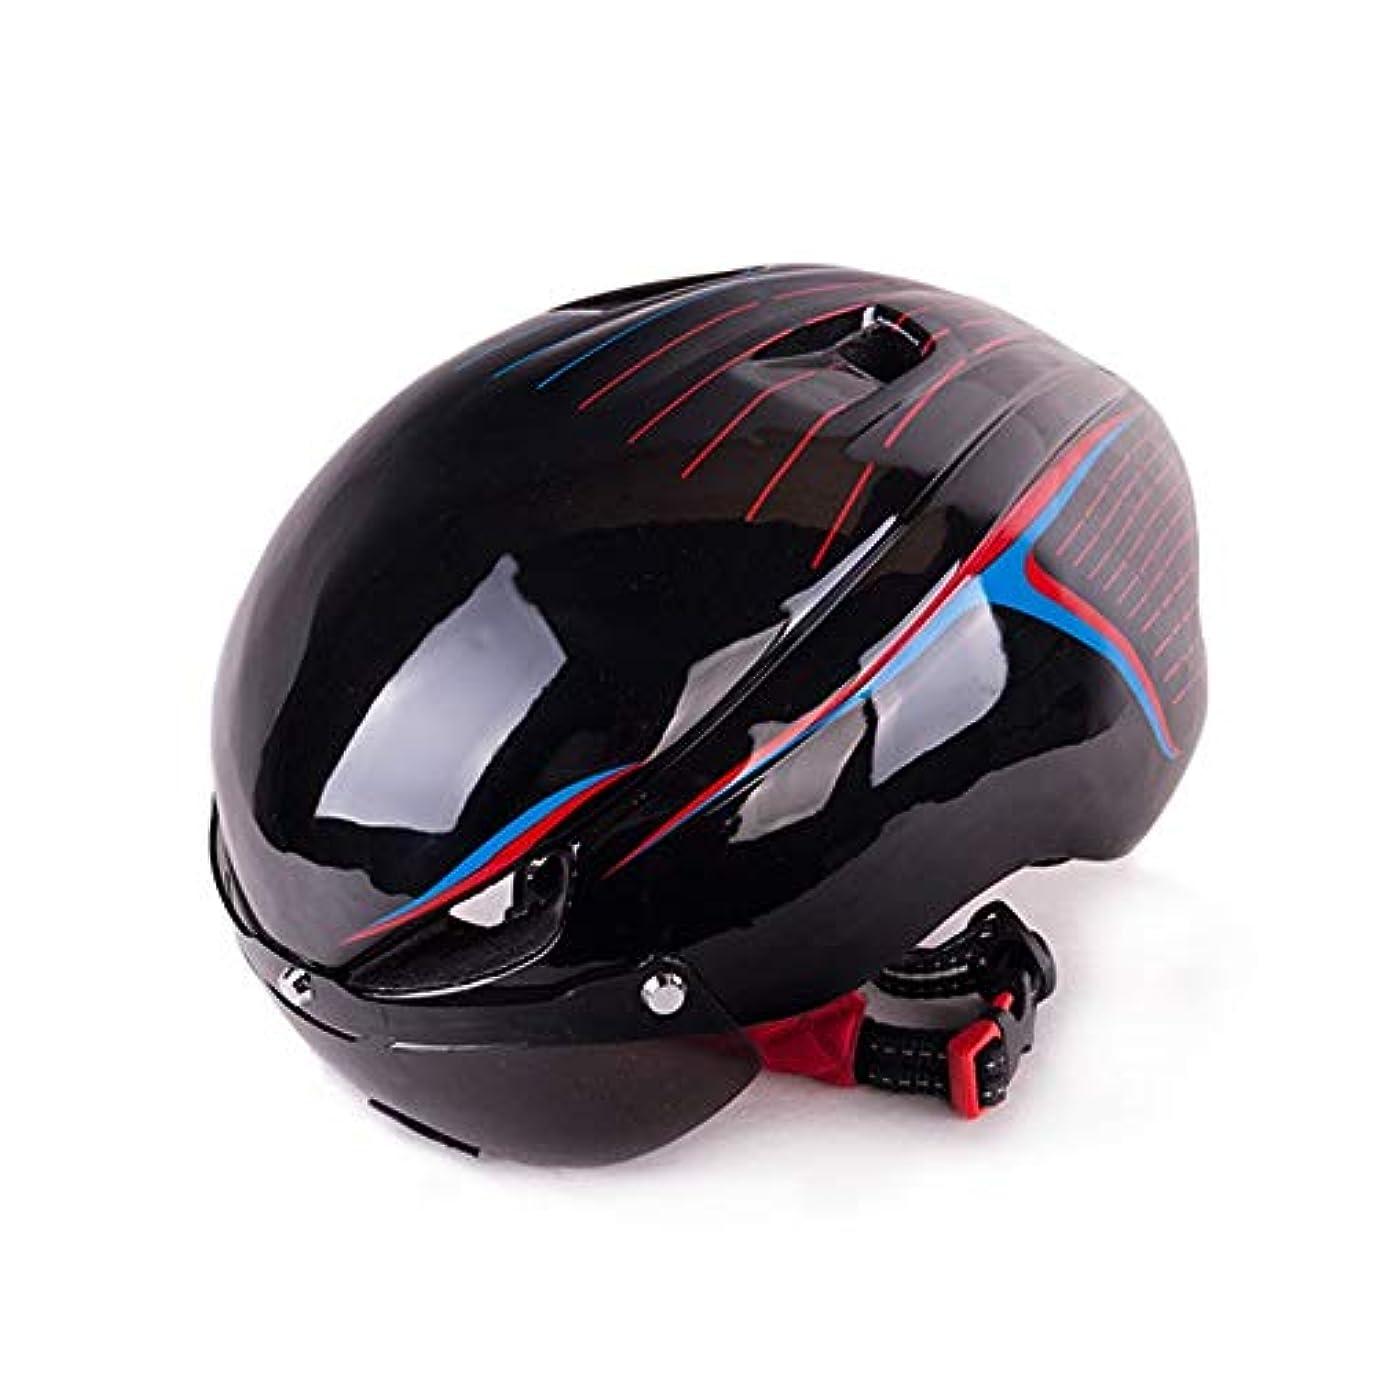 こっそり切り離す挨拶HYH ゴーグル付きワンピースヘルメットメガネ付き空気圧マウンテンバイク乗馬用ヘルメットヘルメット いい人生 (色 : Black)